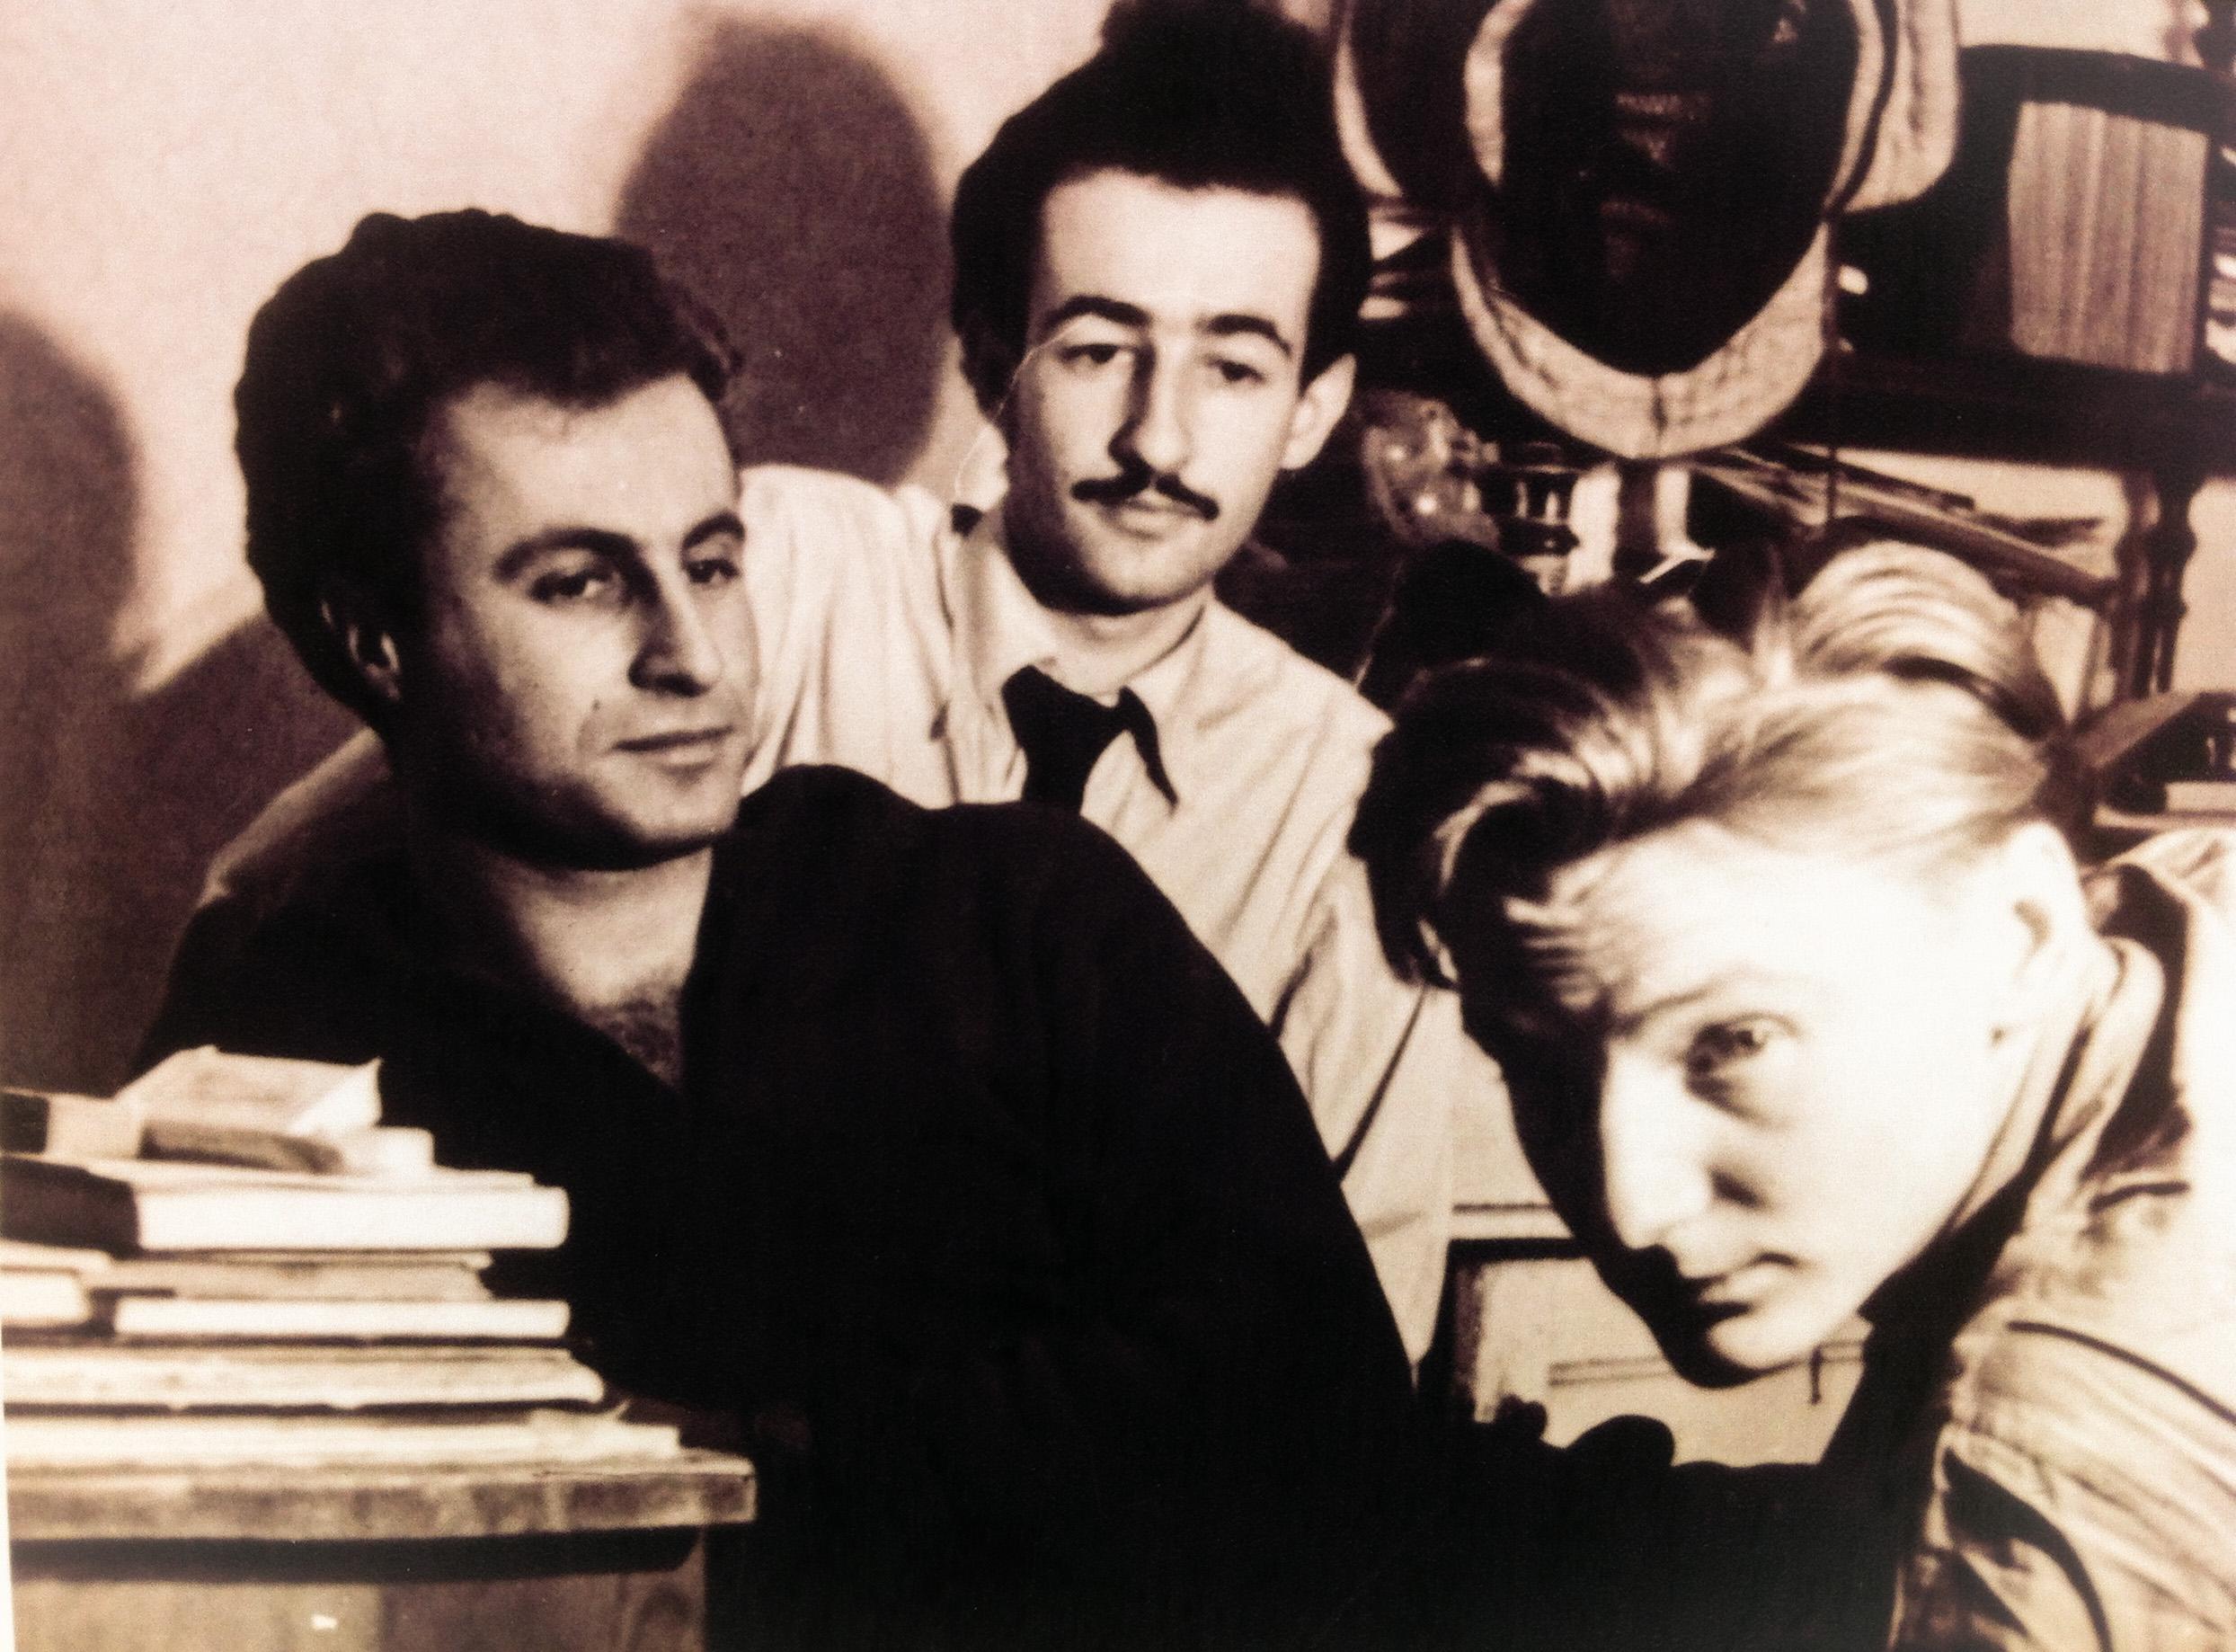 Juraj Šajmovič (vlevo) na studentské koleji s Jurajem Herzem (uprostřed). Foto: Rodinný Archiv Juraje Šajmoviče ml.